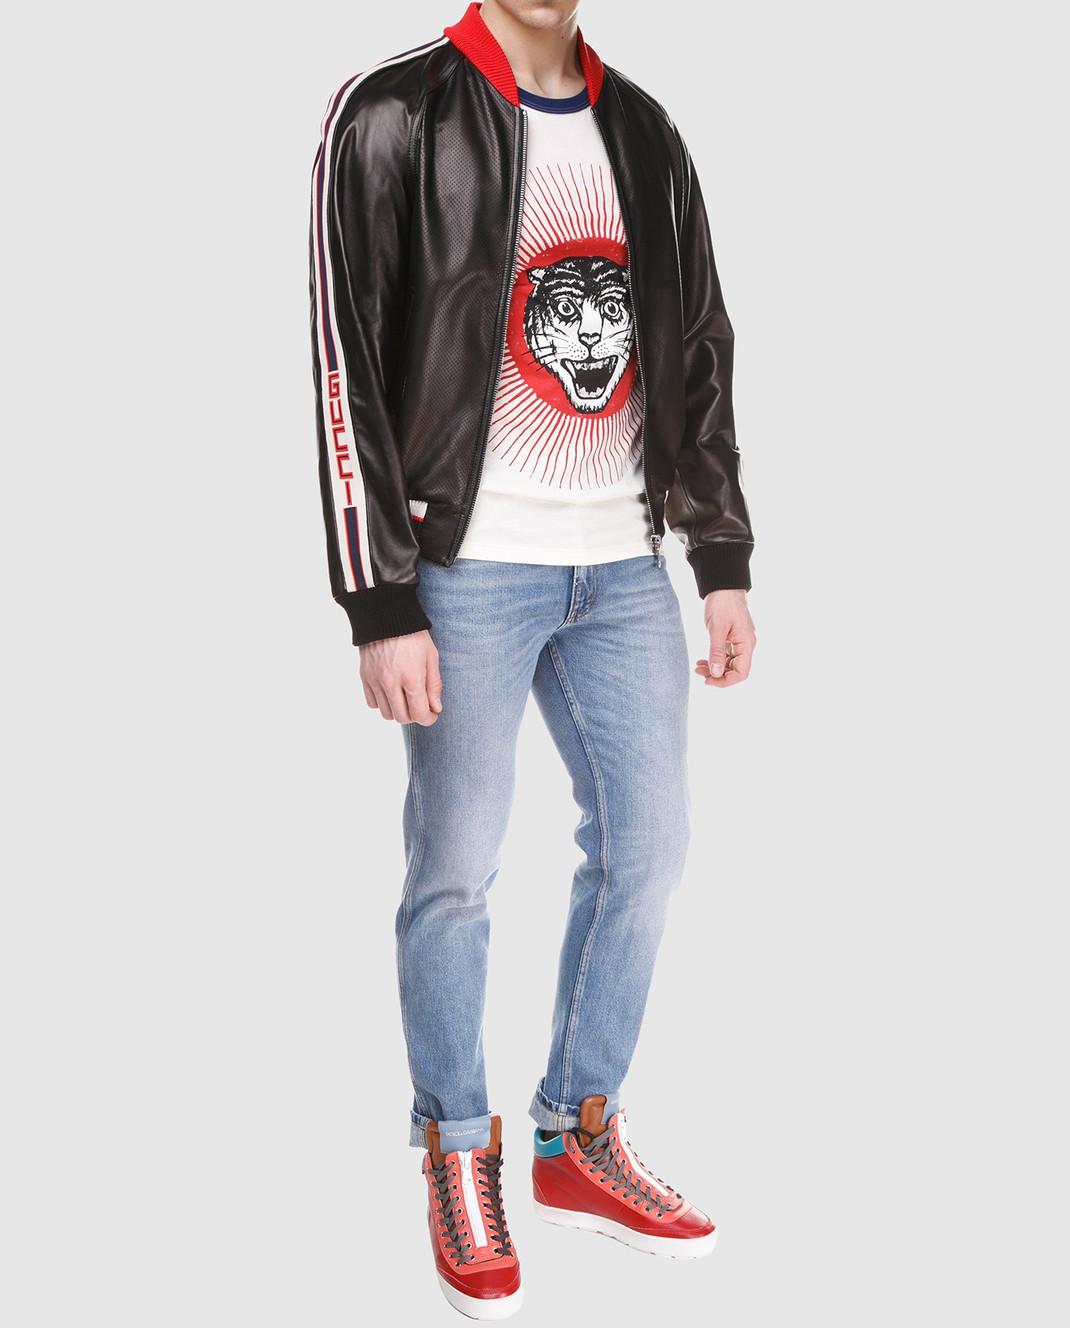 Gucci Коричневый кожаный бомбер 501174 изображение 2